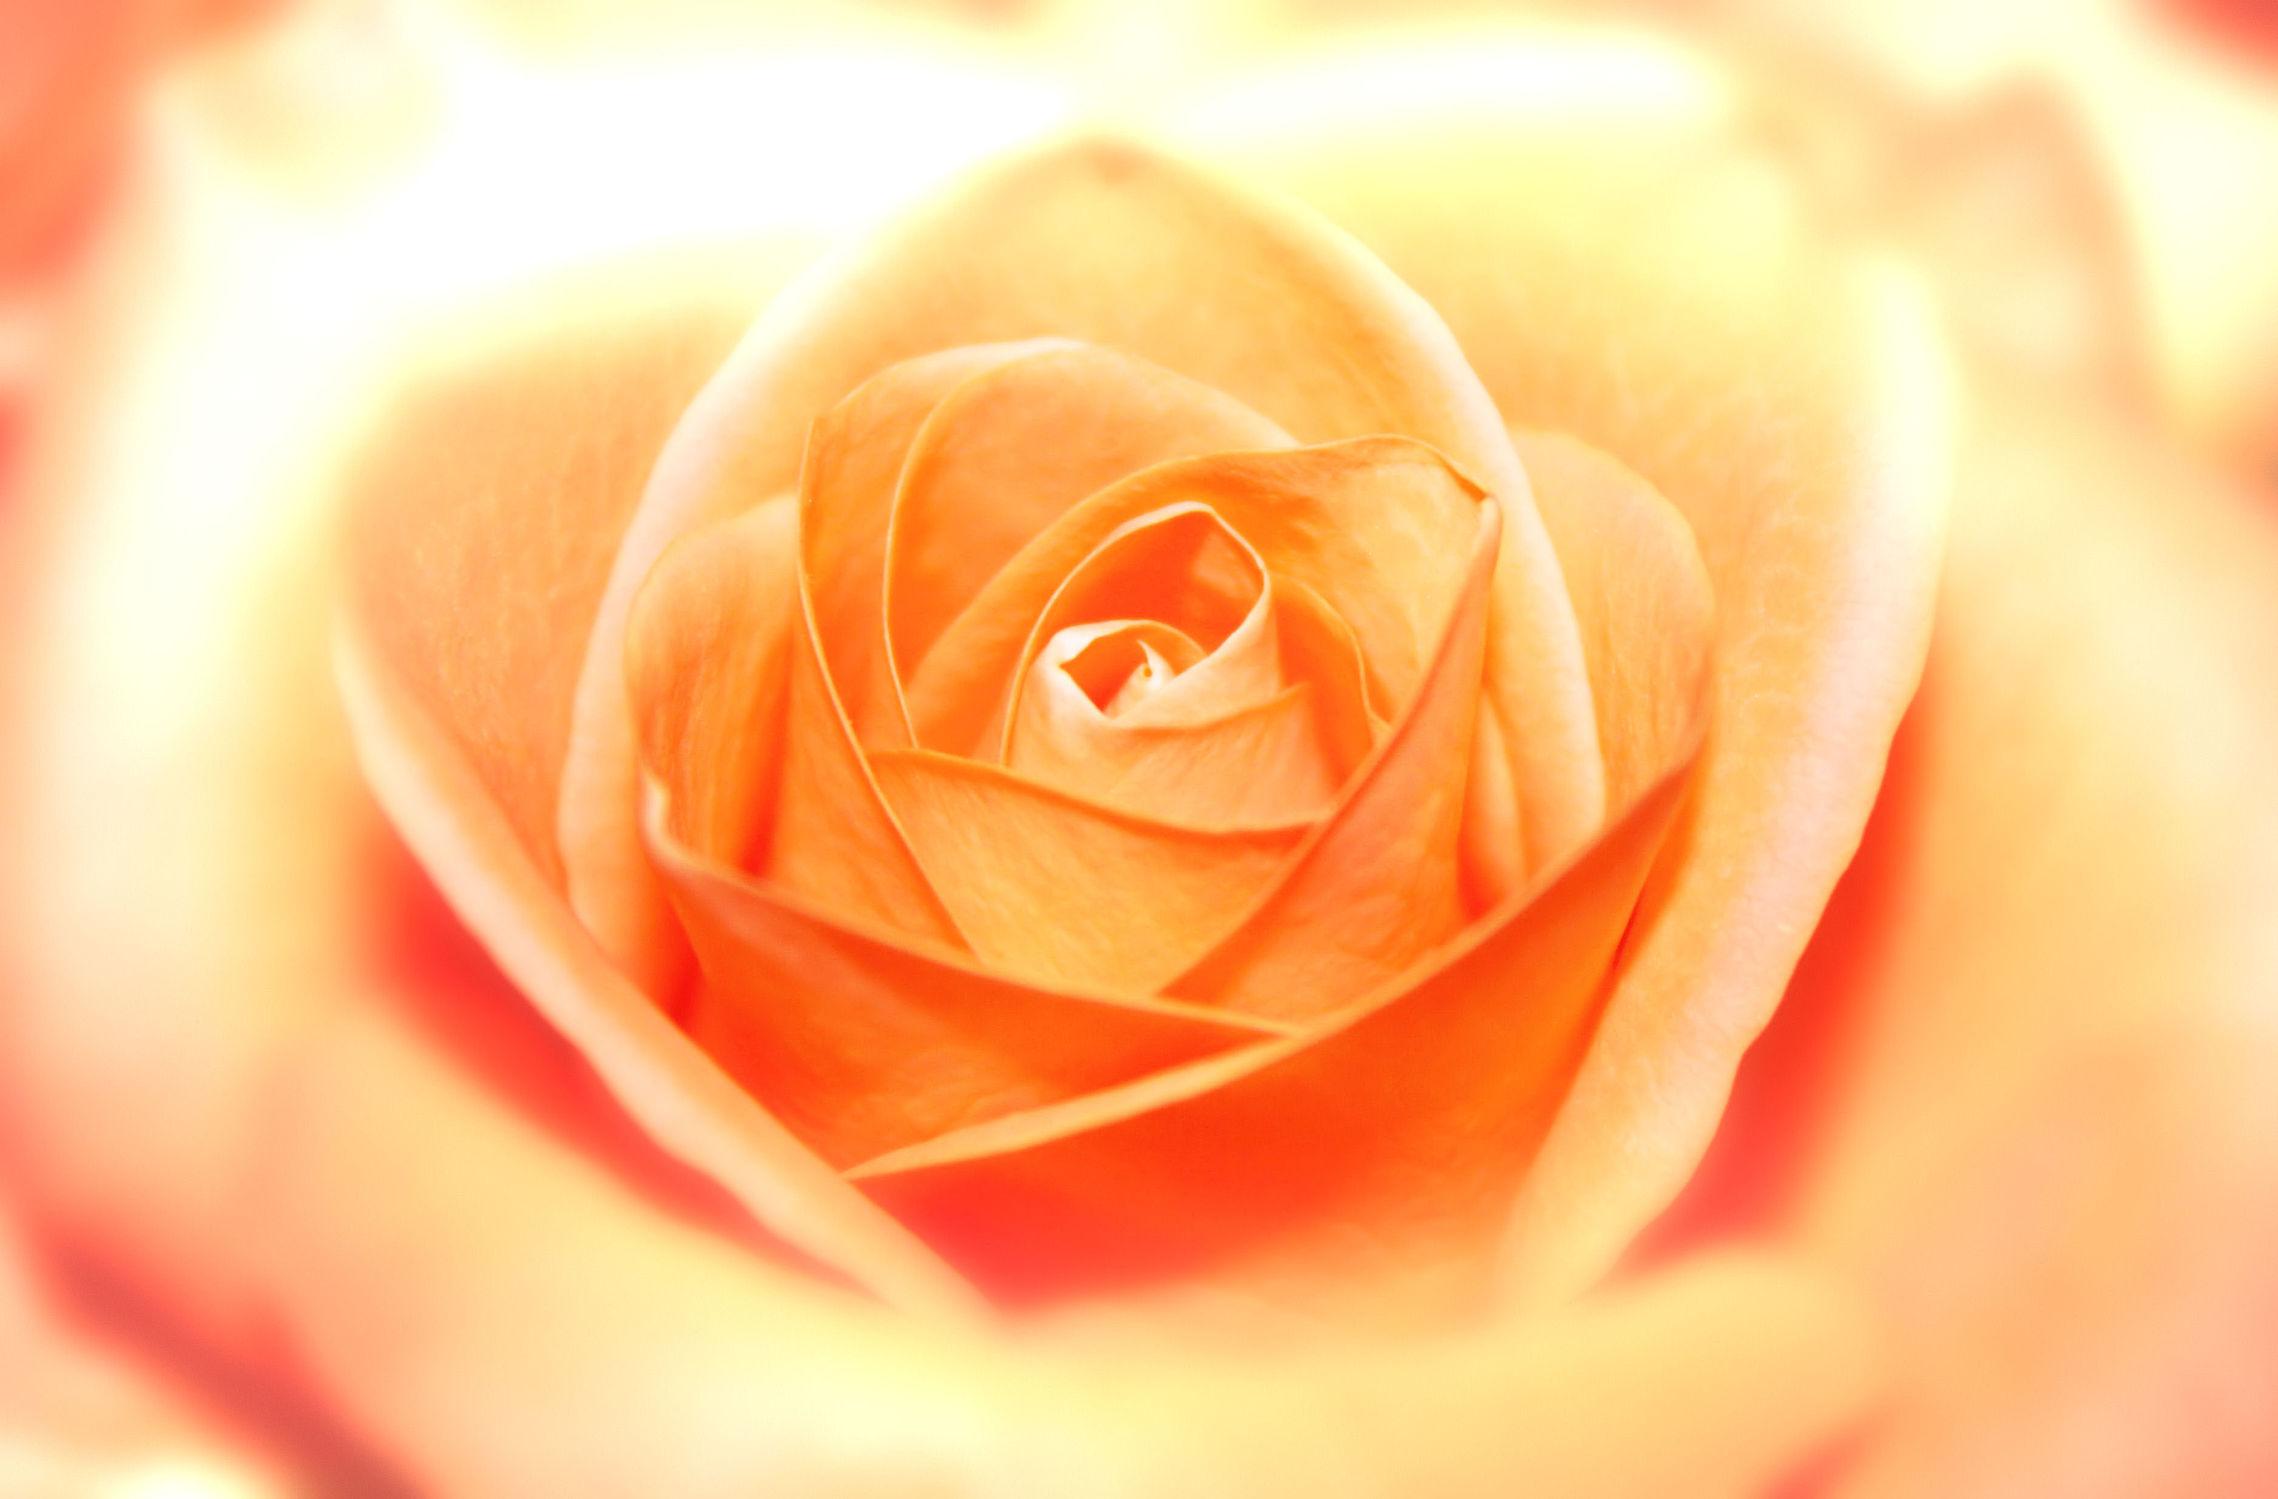 Bild mit Orange, Pflanzen, Blumen, Rosen, Blume, Pflanze, Rose, romantik, Blüten, blüte, Glück